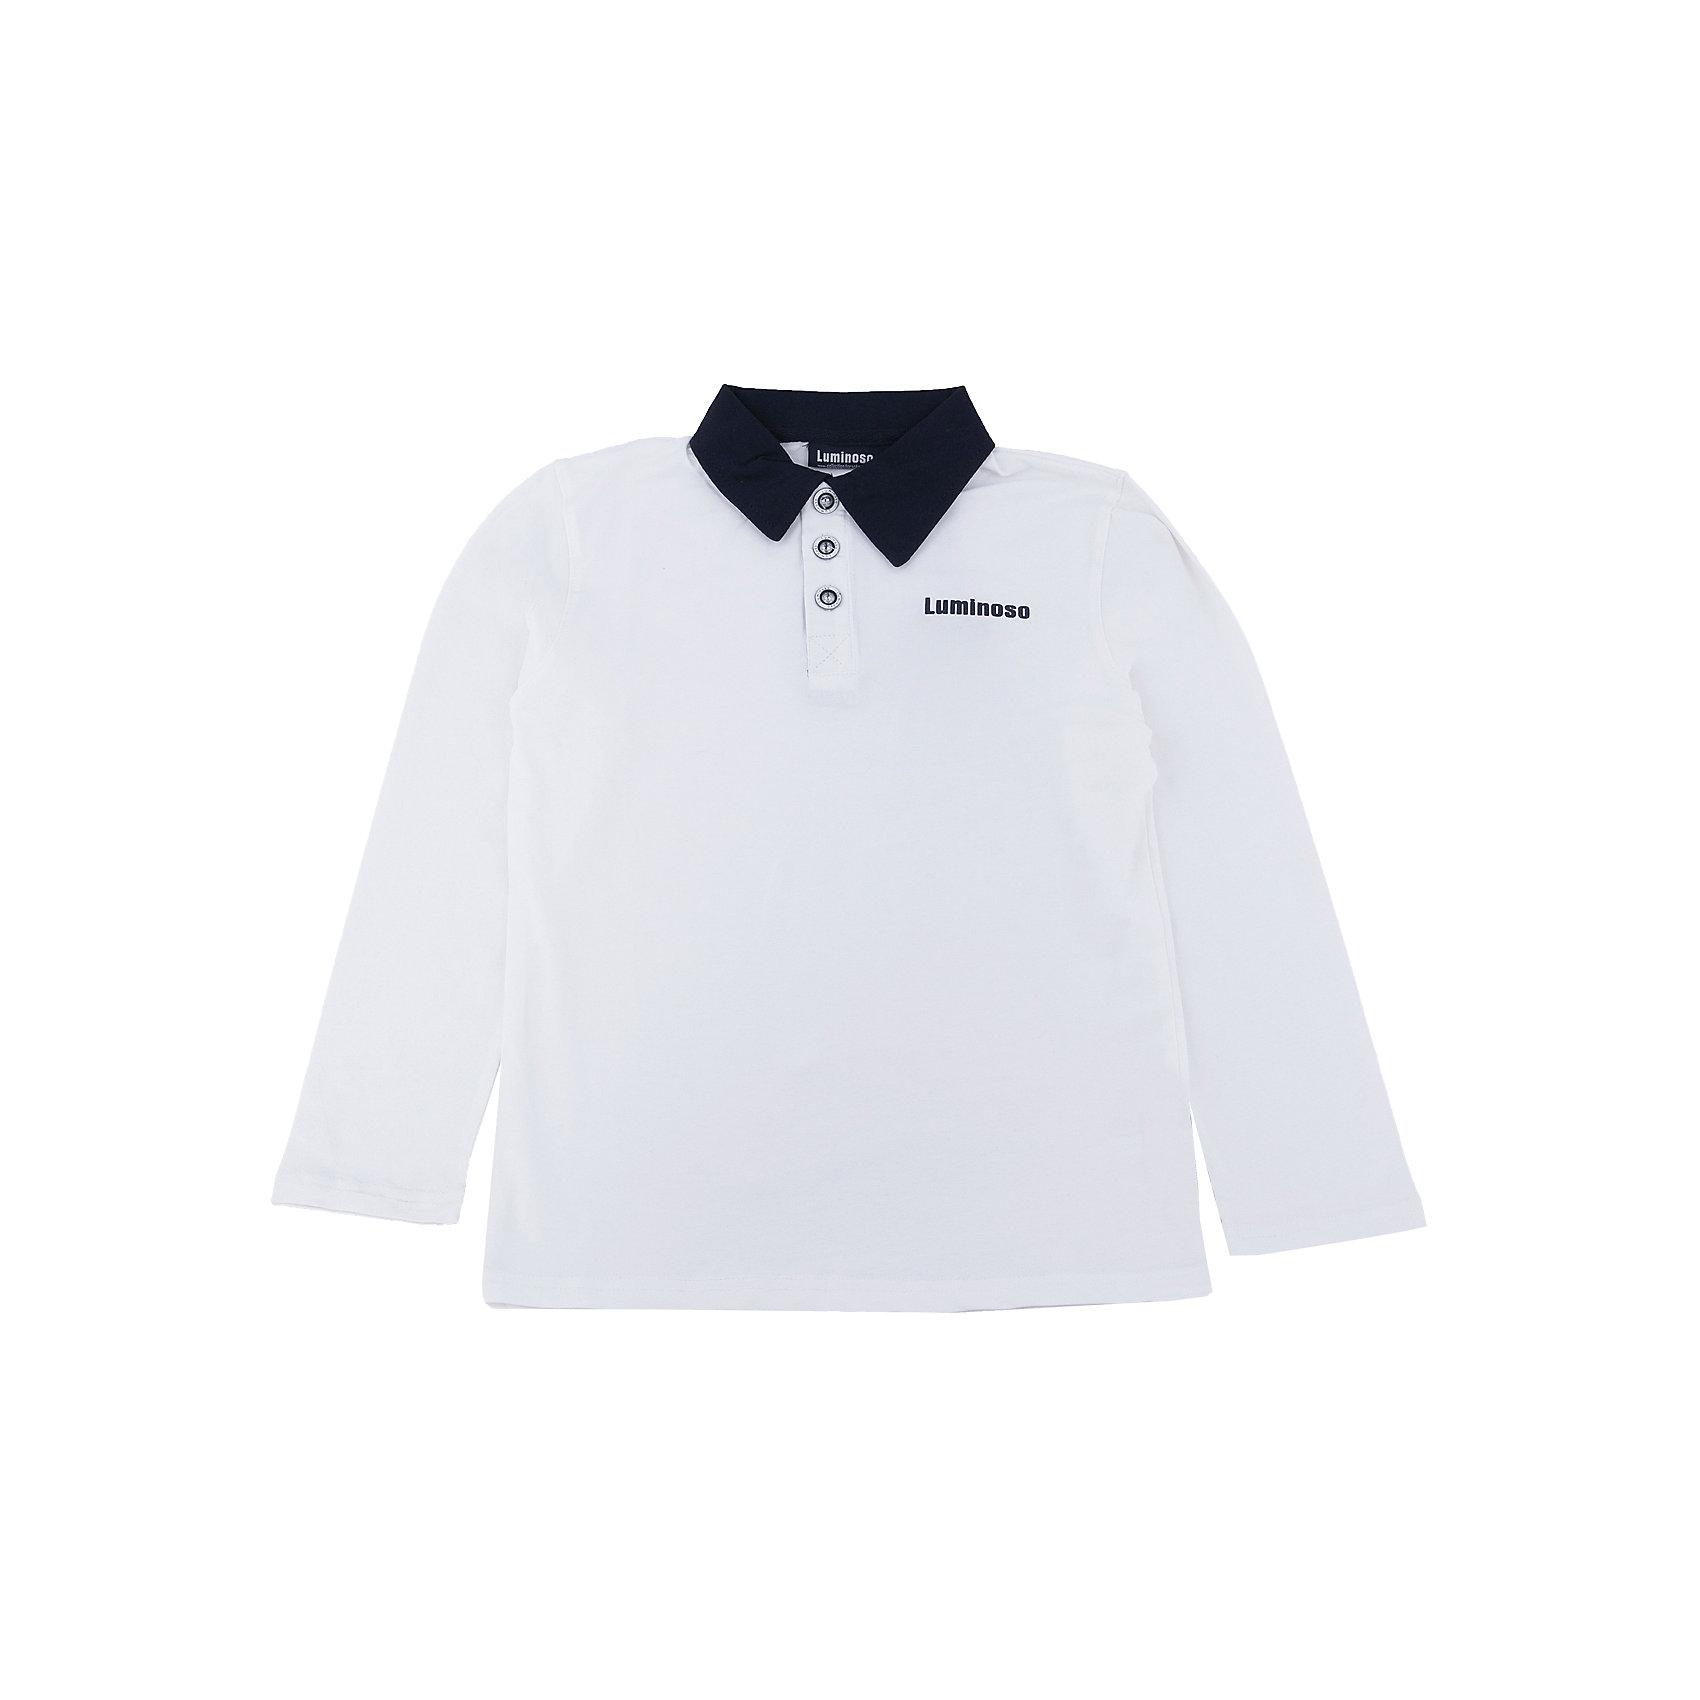 Футболка-поло с длинным рукавом для мальчика LuminosoБлузки и рубашки<br>Футболка-поло с длинным рукавом для мальчика от известного бренда Luminoso.<br>Футболка-поло с длинным рукавом для мальчика выполнена из качественного натурального трикотажа, что обеспечивает комфортность и простоту.<br>Состав:<br>95% хлопок, 5% эластан<br><br>Ширина мм: 190<br>Глубина мм: 74<br>Высота мм: 229<br>Вес г: 236<br>Цвет: белый/синий<br>Возраст от месяцев: 132<br>Возраст до месяцев: 144<br>Пол: Мужской<br>Возраст: Детский<br>Размер: 152,128,134,140,146,158,164<br>SKU: 4729069